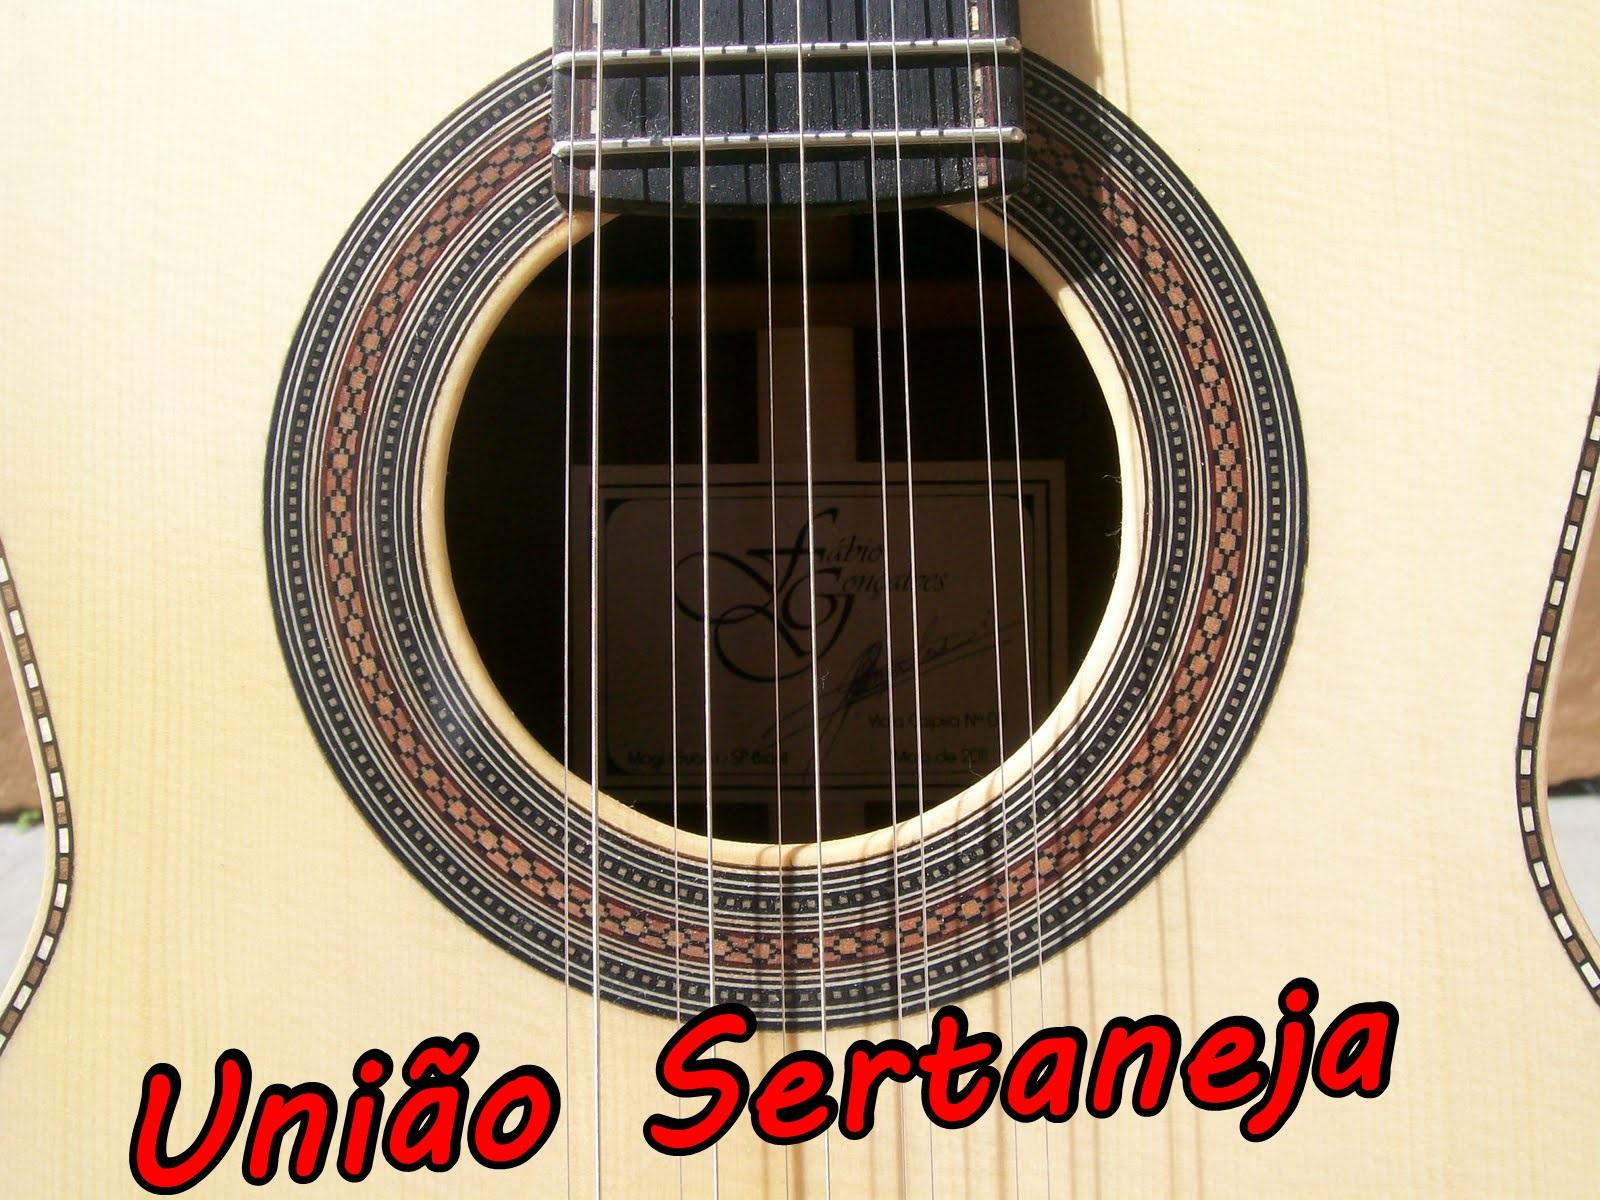 União Sertaneja